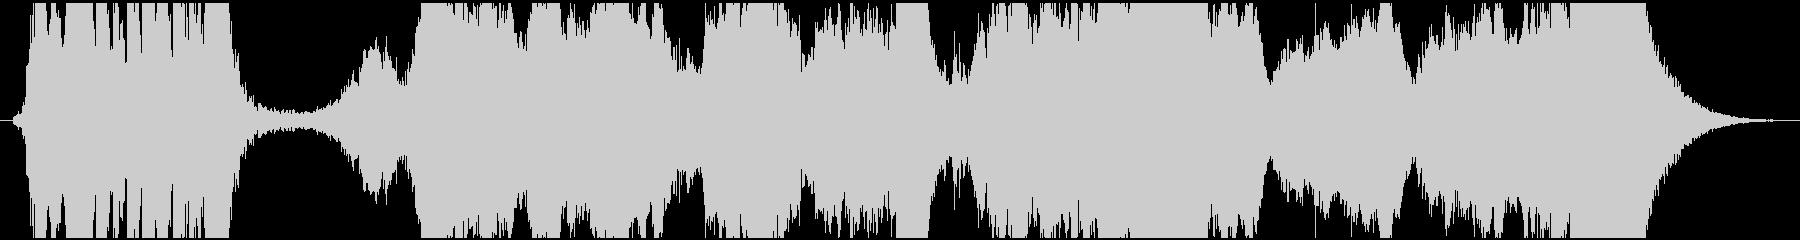 現代的 交響曲 クラシック コーポ...の未再生の波形